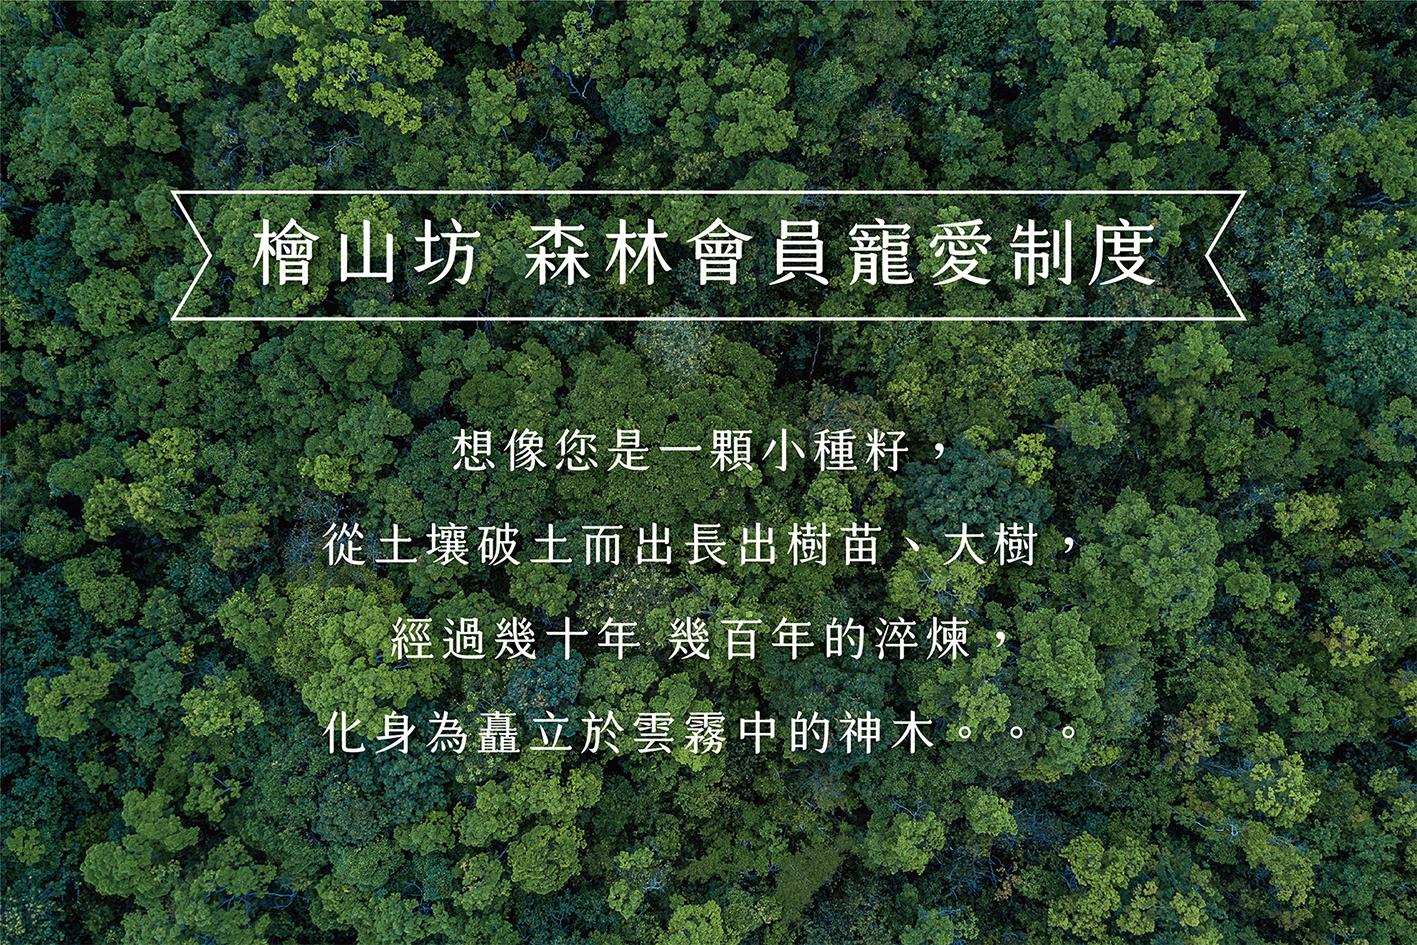 森林會員寵愛制度